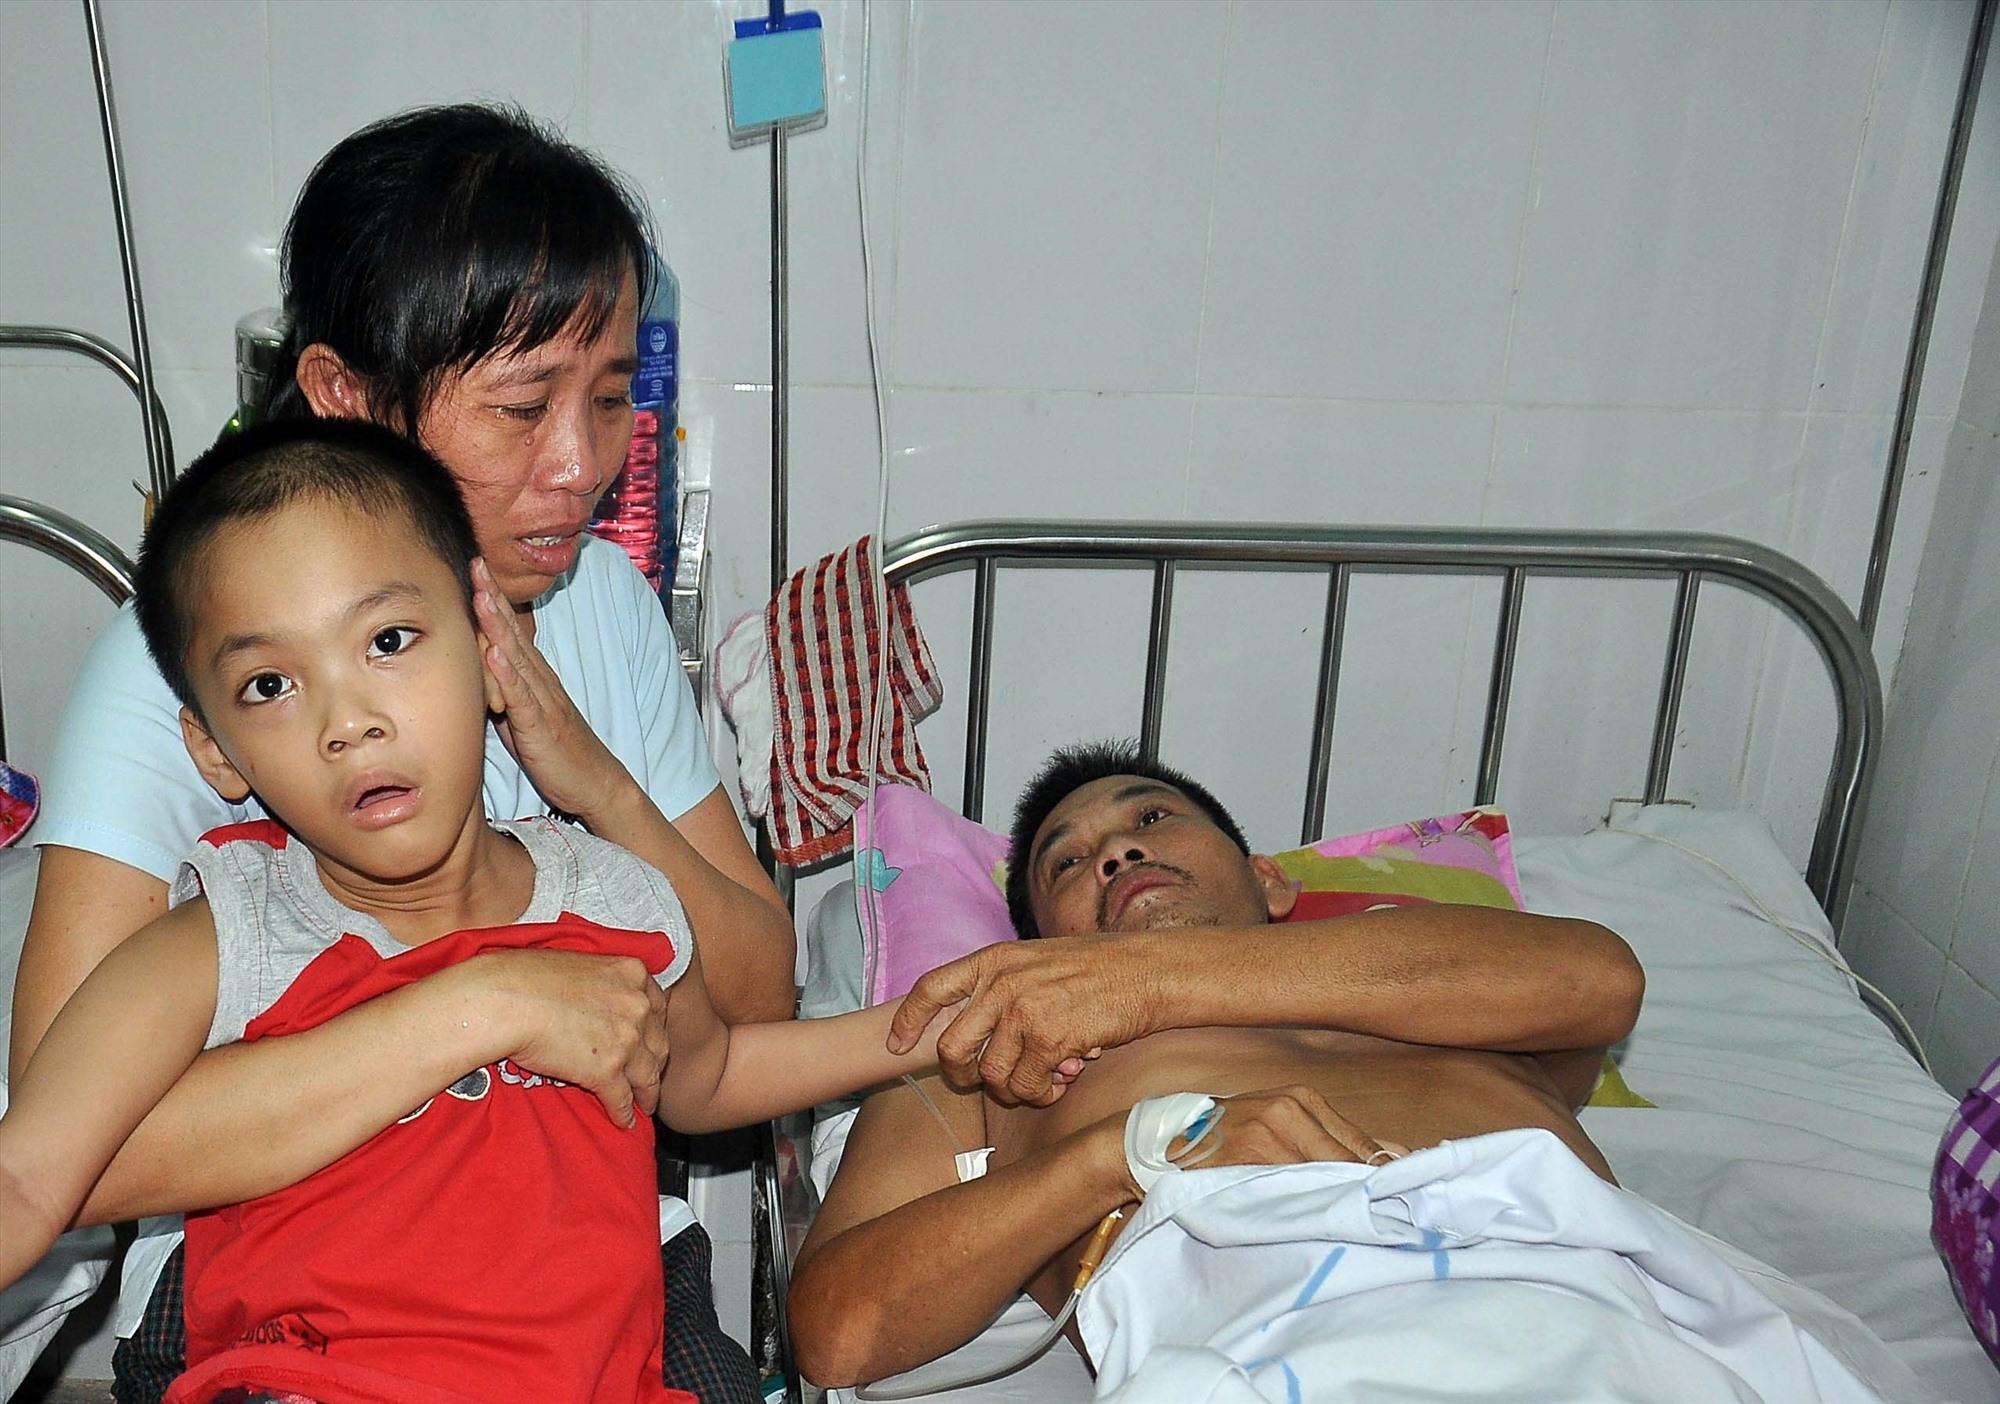 Chị Bùi Thị Lý và đứa con trai mắc bệnh bại não đến thăm chồng tại Bệnh viện Đa khoa Quảng Nam. Ảnh: V.A